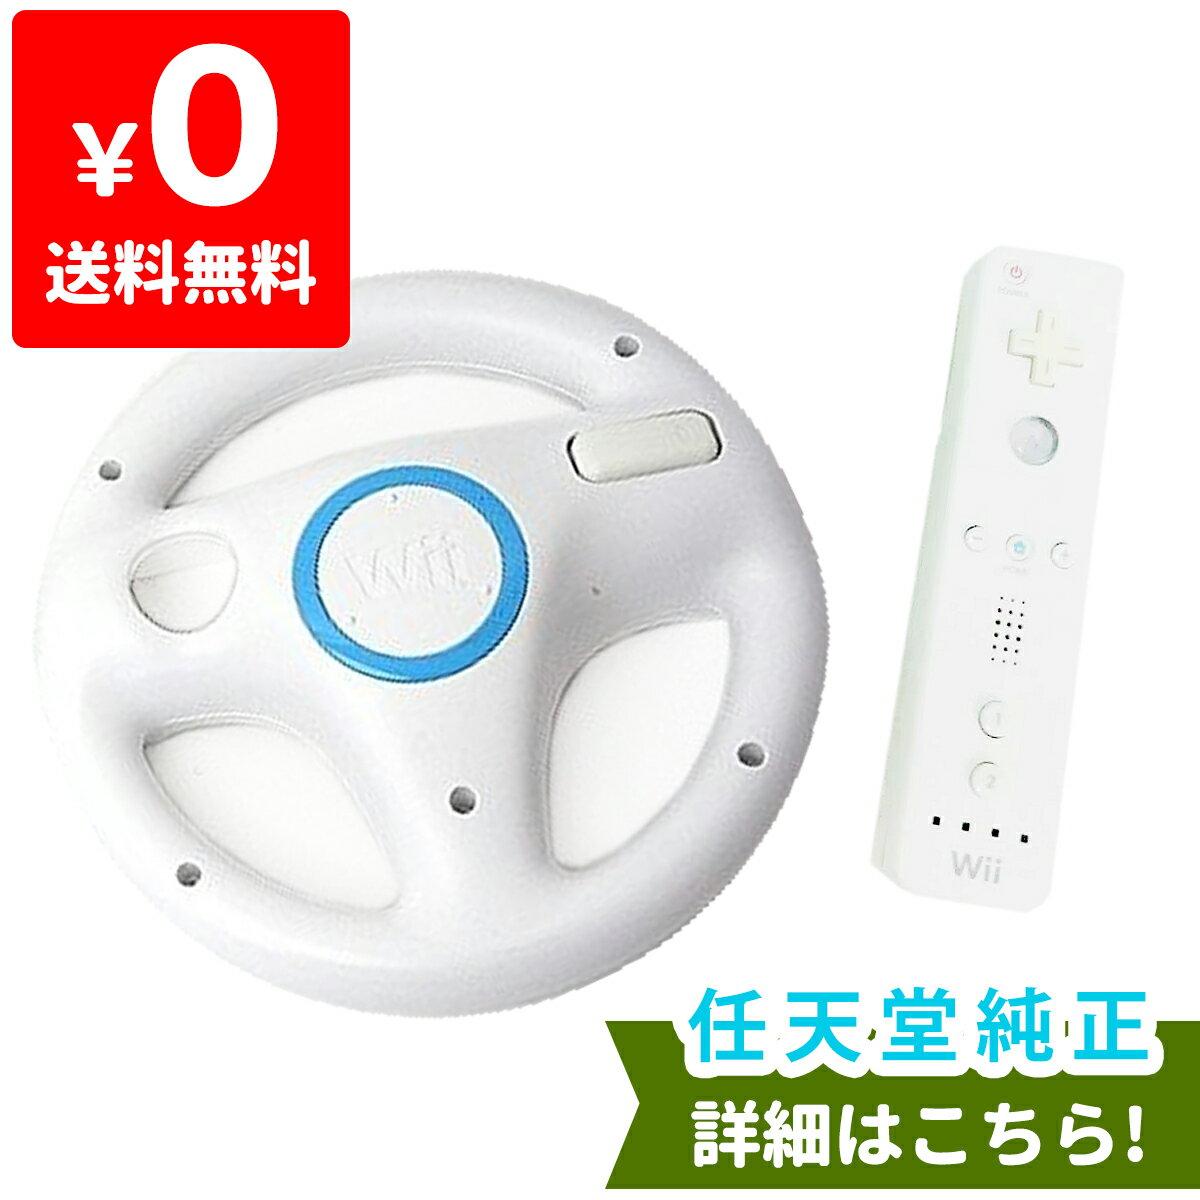 【送料無料】ニンテンドー Wii リモコン ハンドル セット 任天堂 純正品 マリオカート【中古】